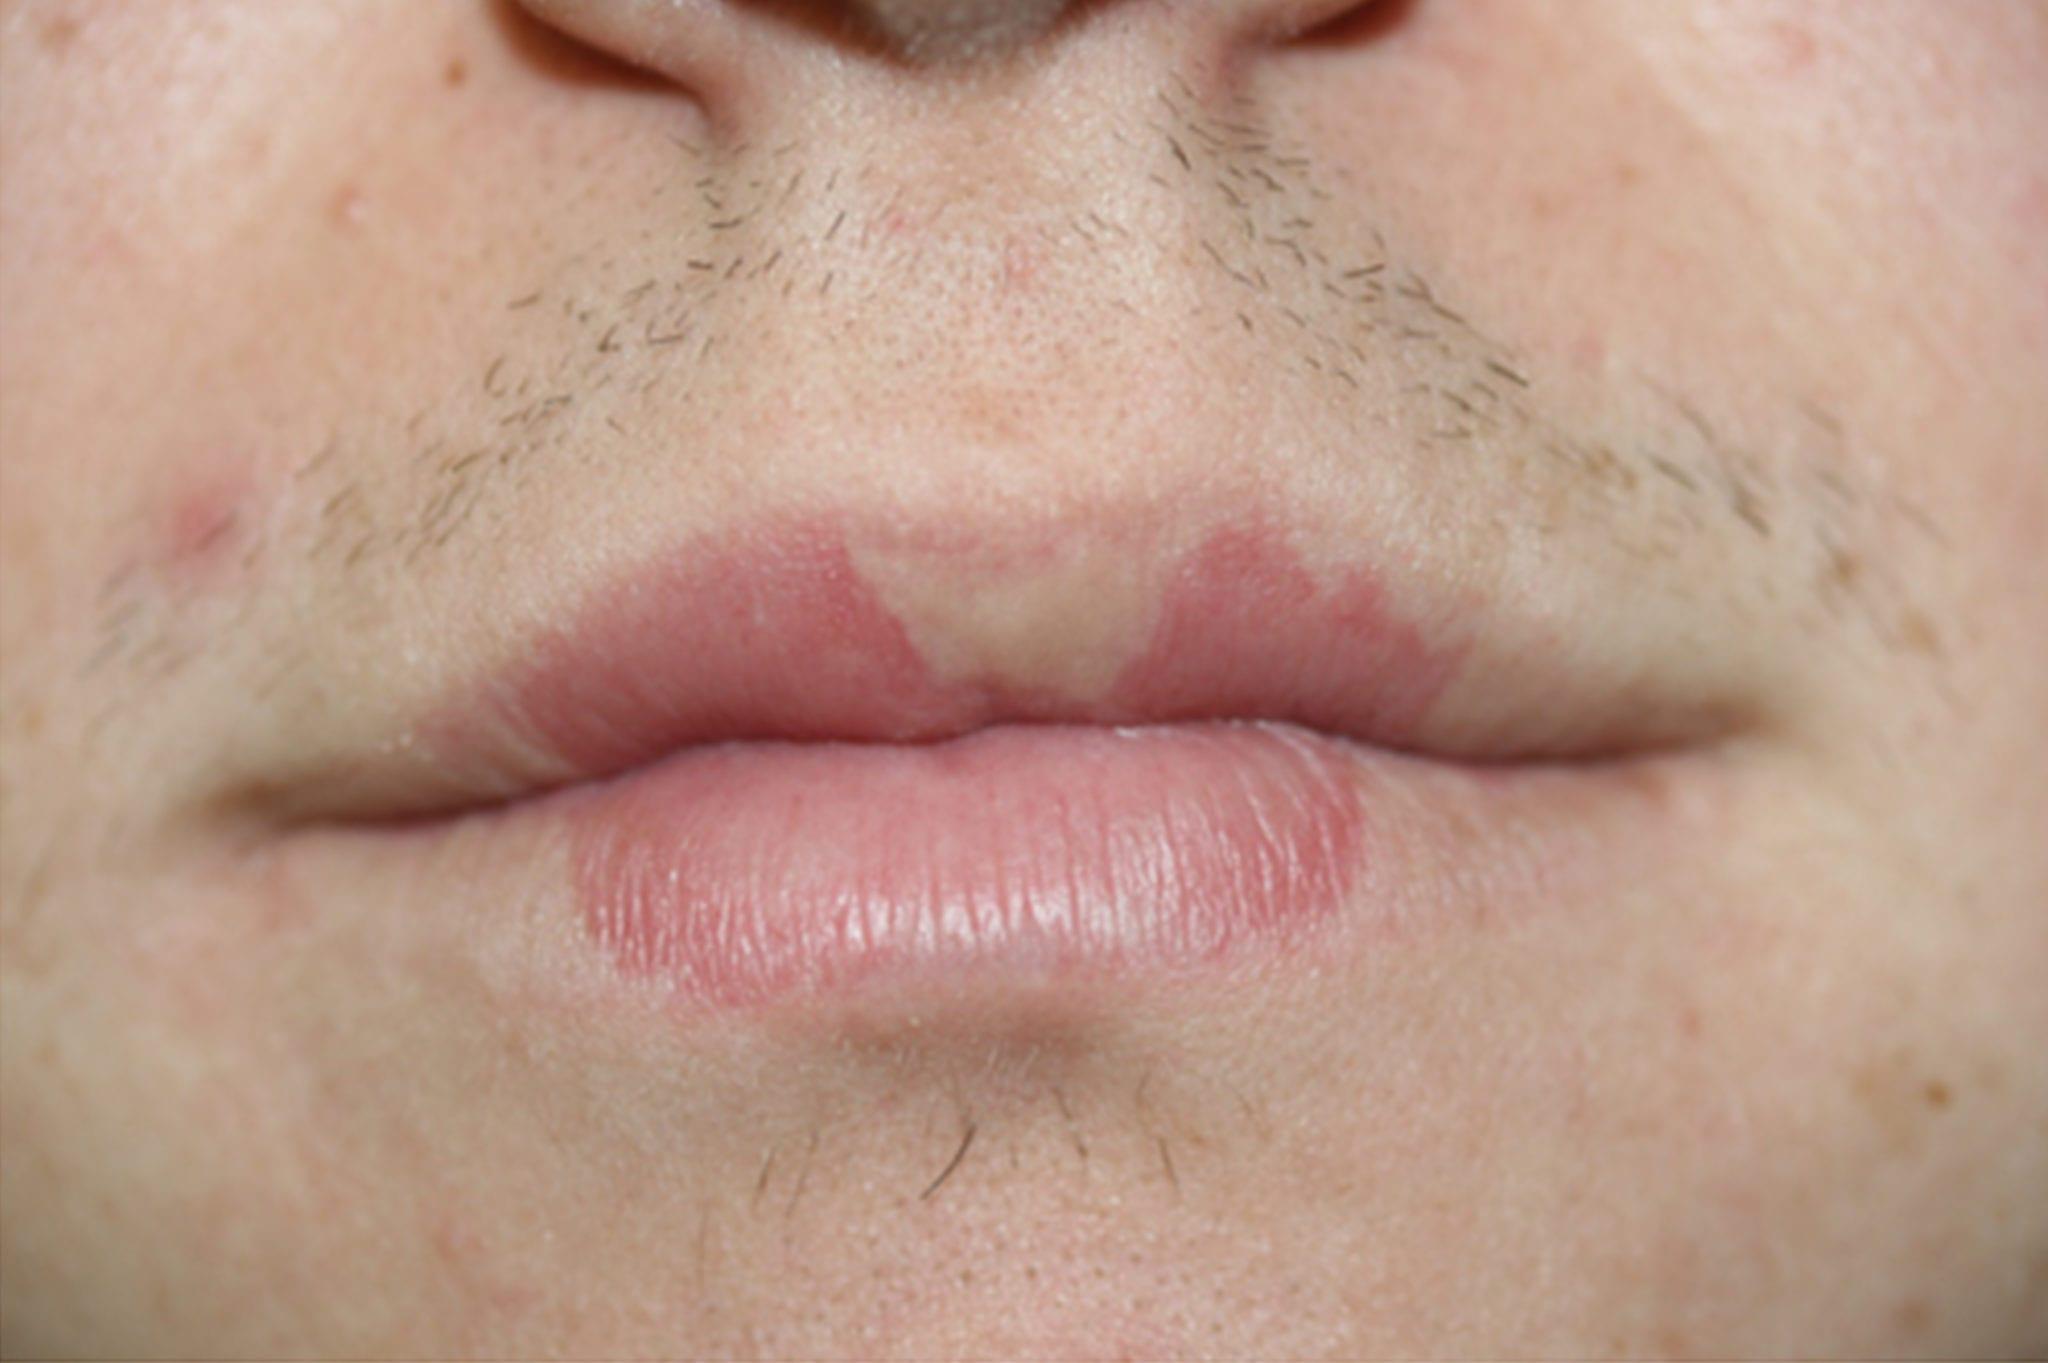 Lip-discoloration